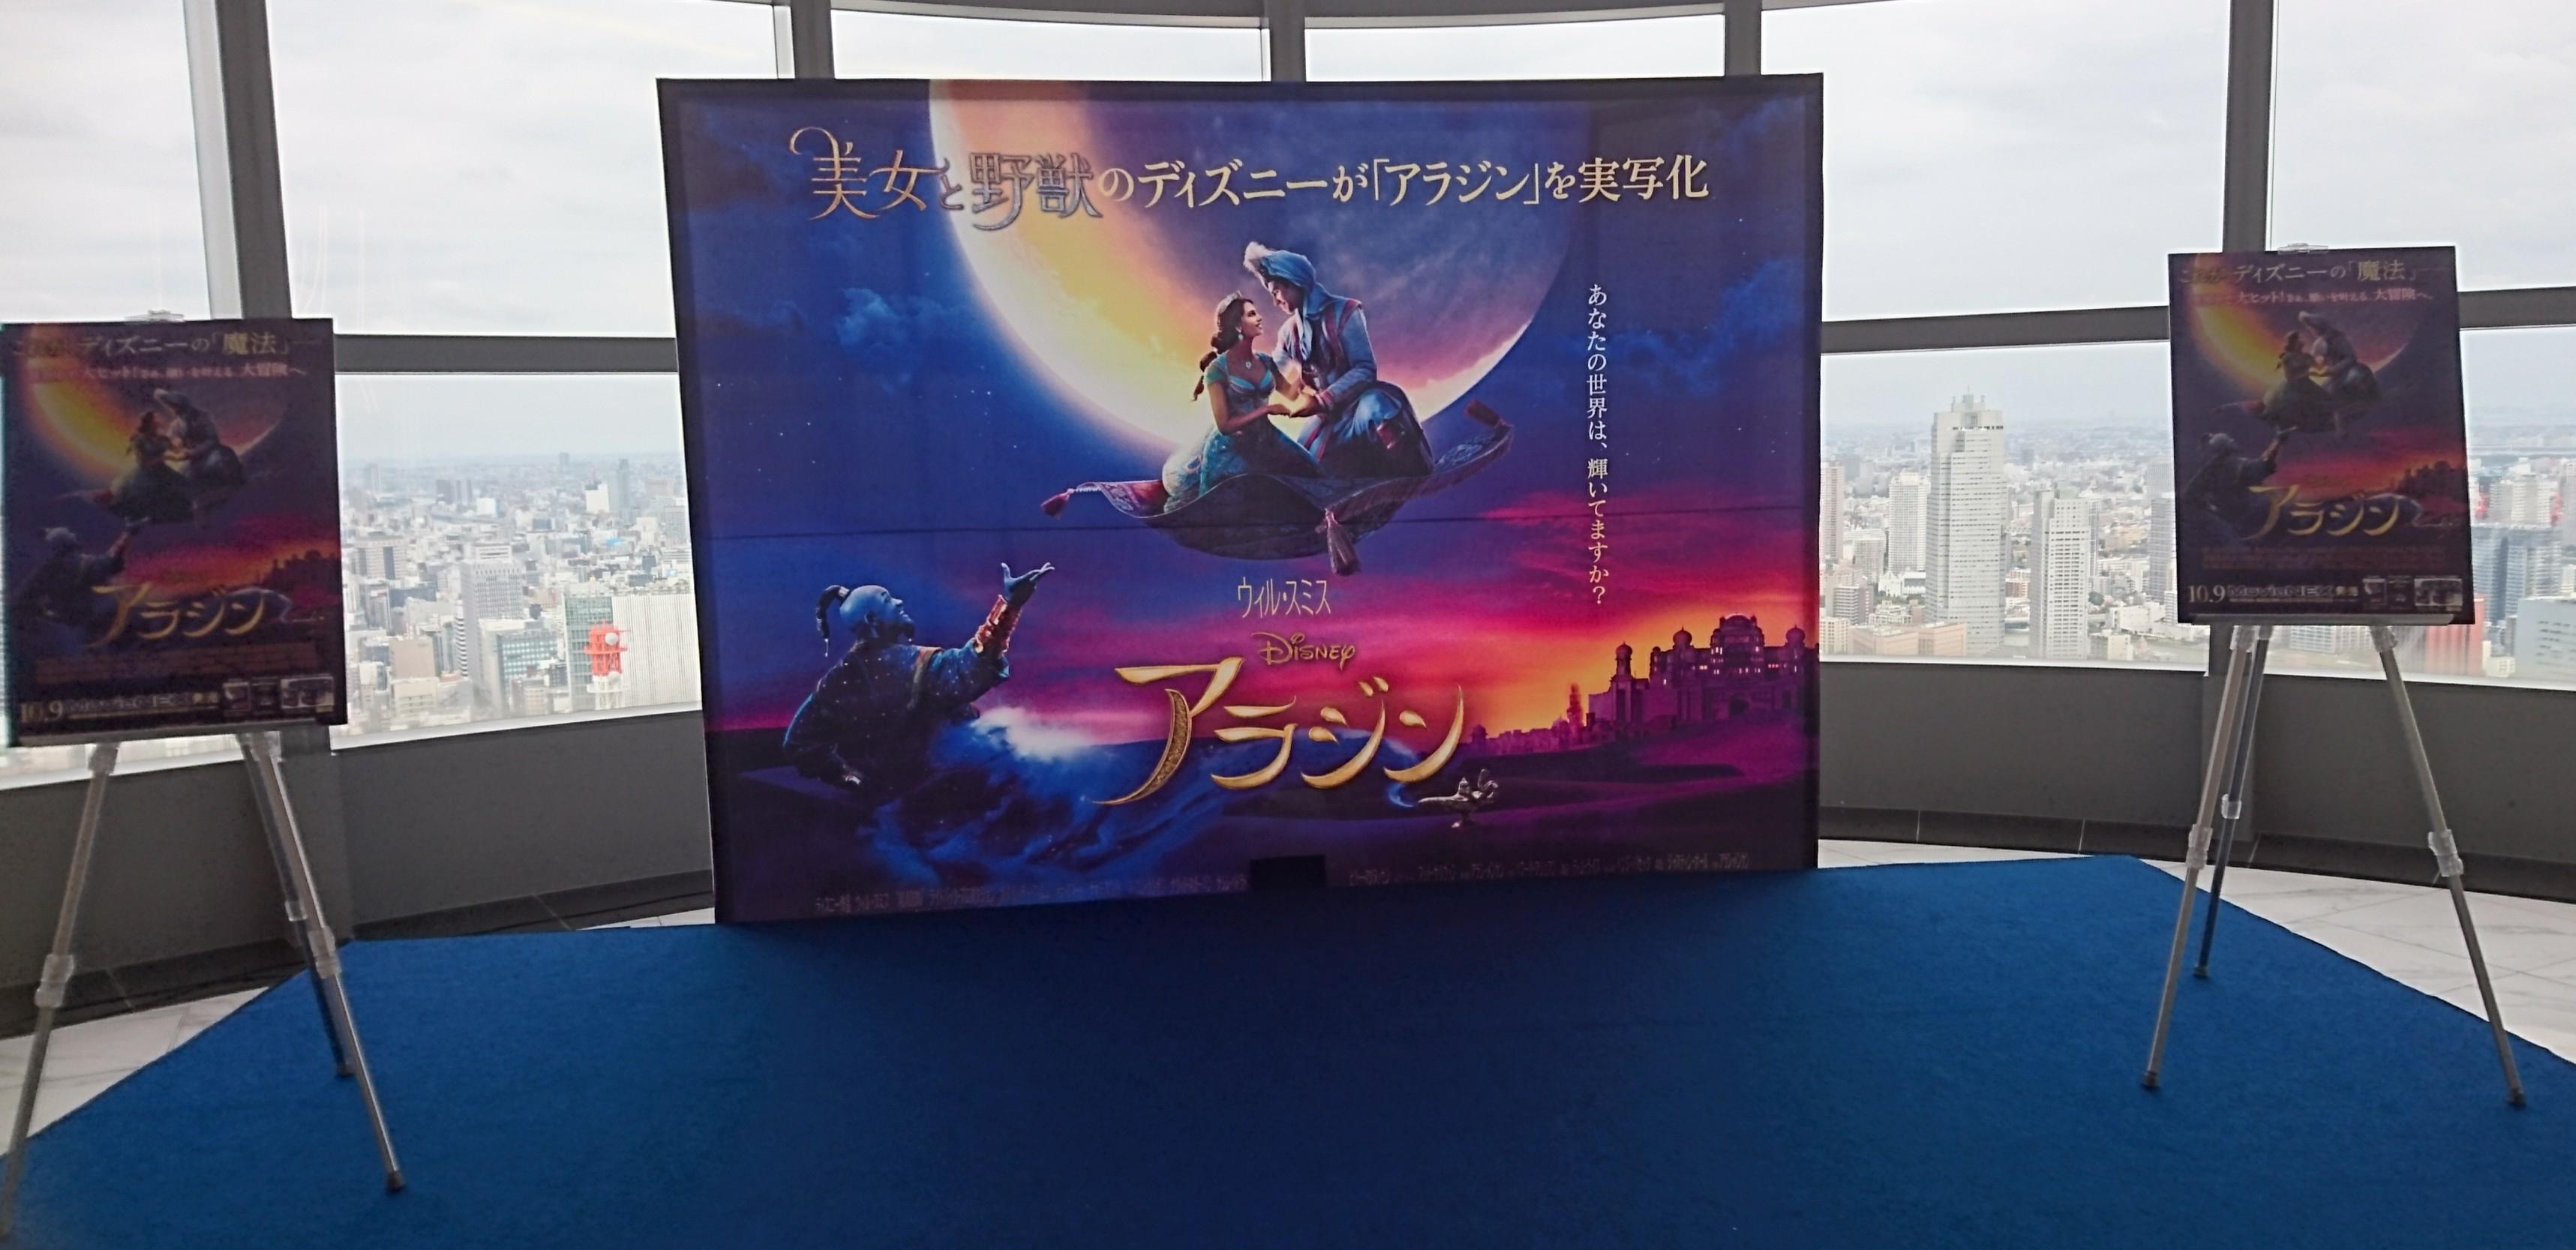 アラジンの世界を存分に楽しめる♡MovieNEX発売記念イベントに参加させていただきました!_2